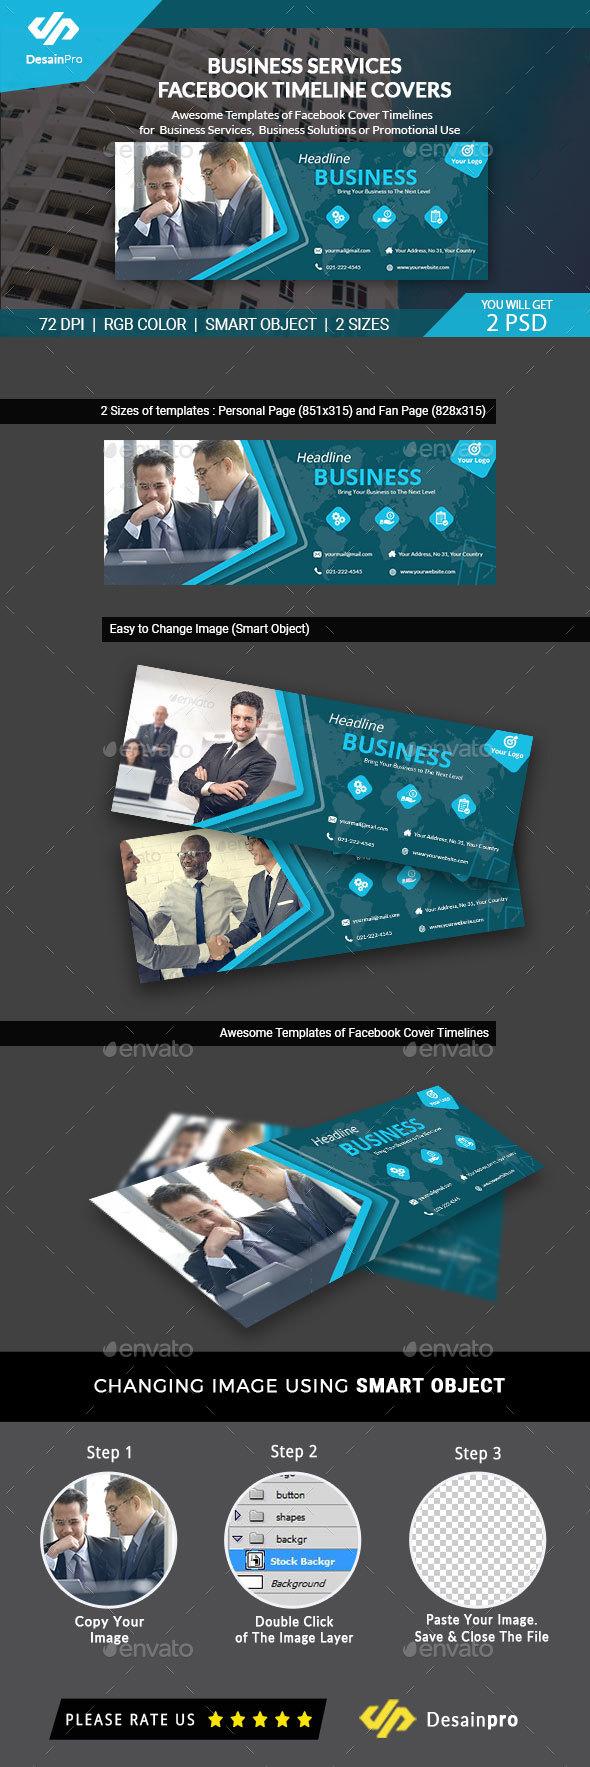 Business Facebook Cover Timeline - AR - Facebook Timeline Covers Social Media